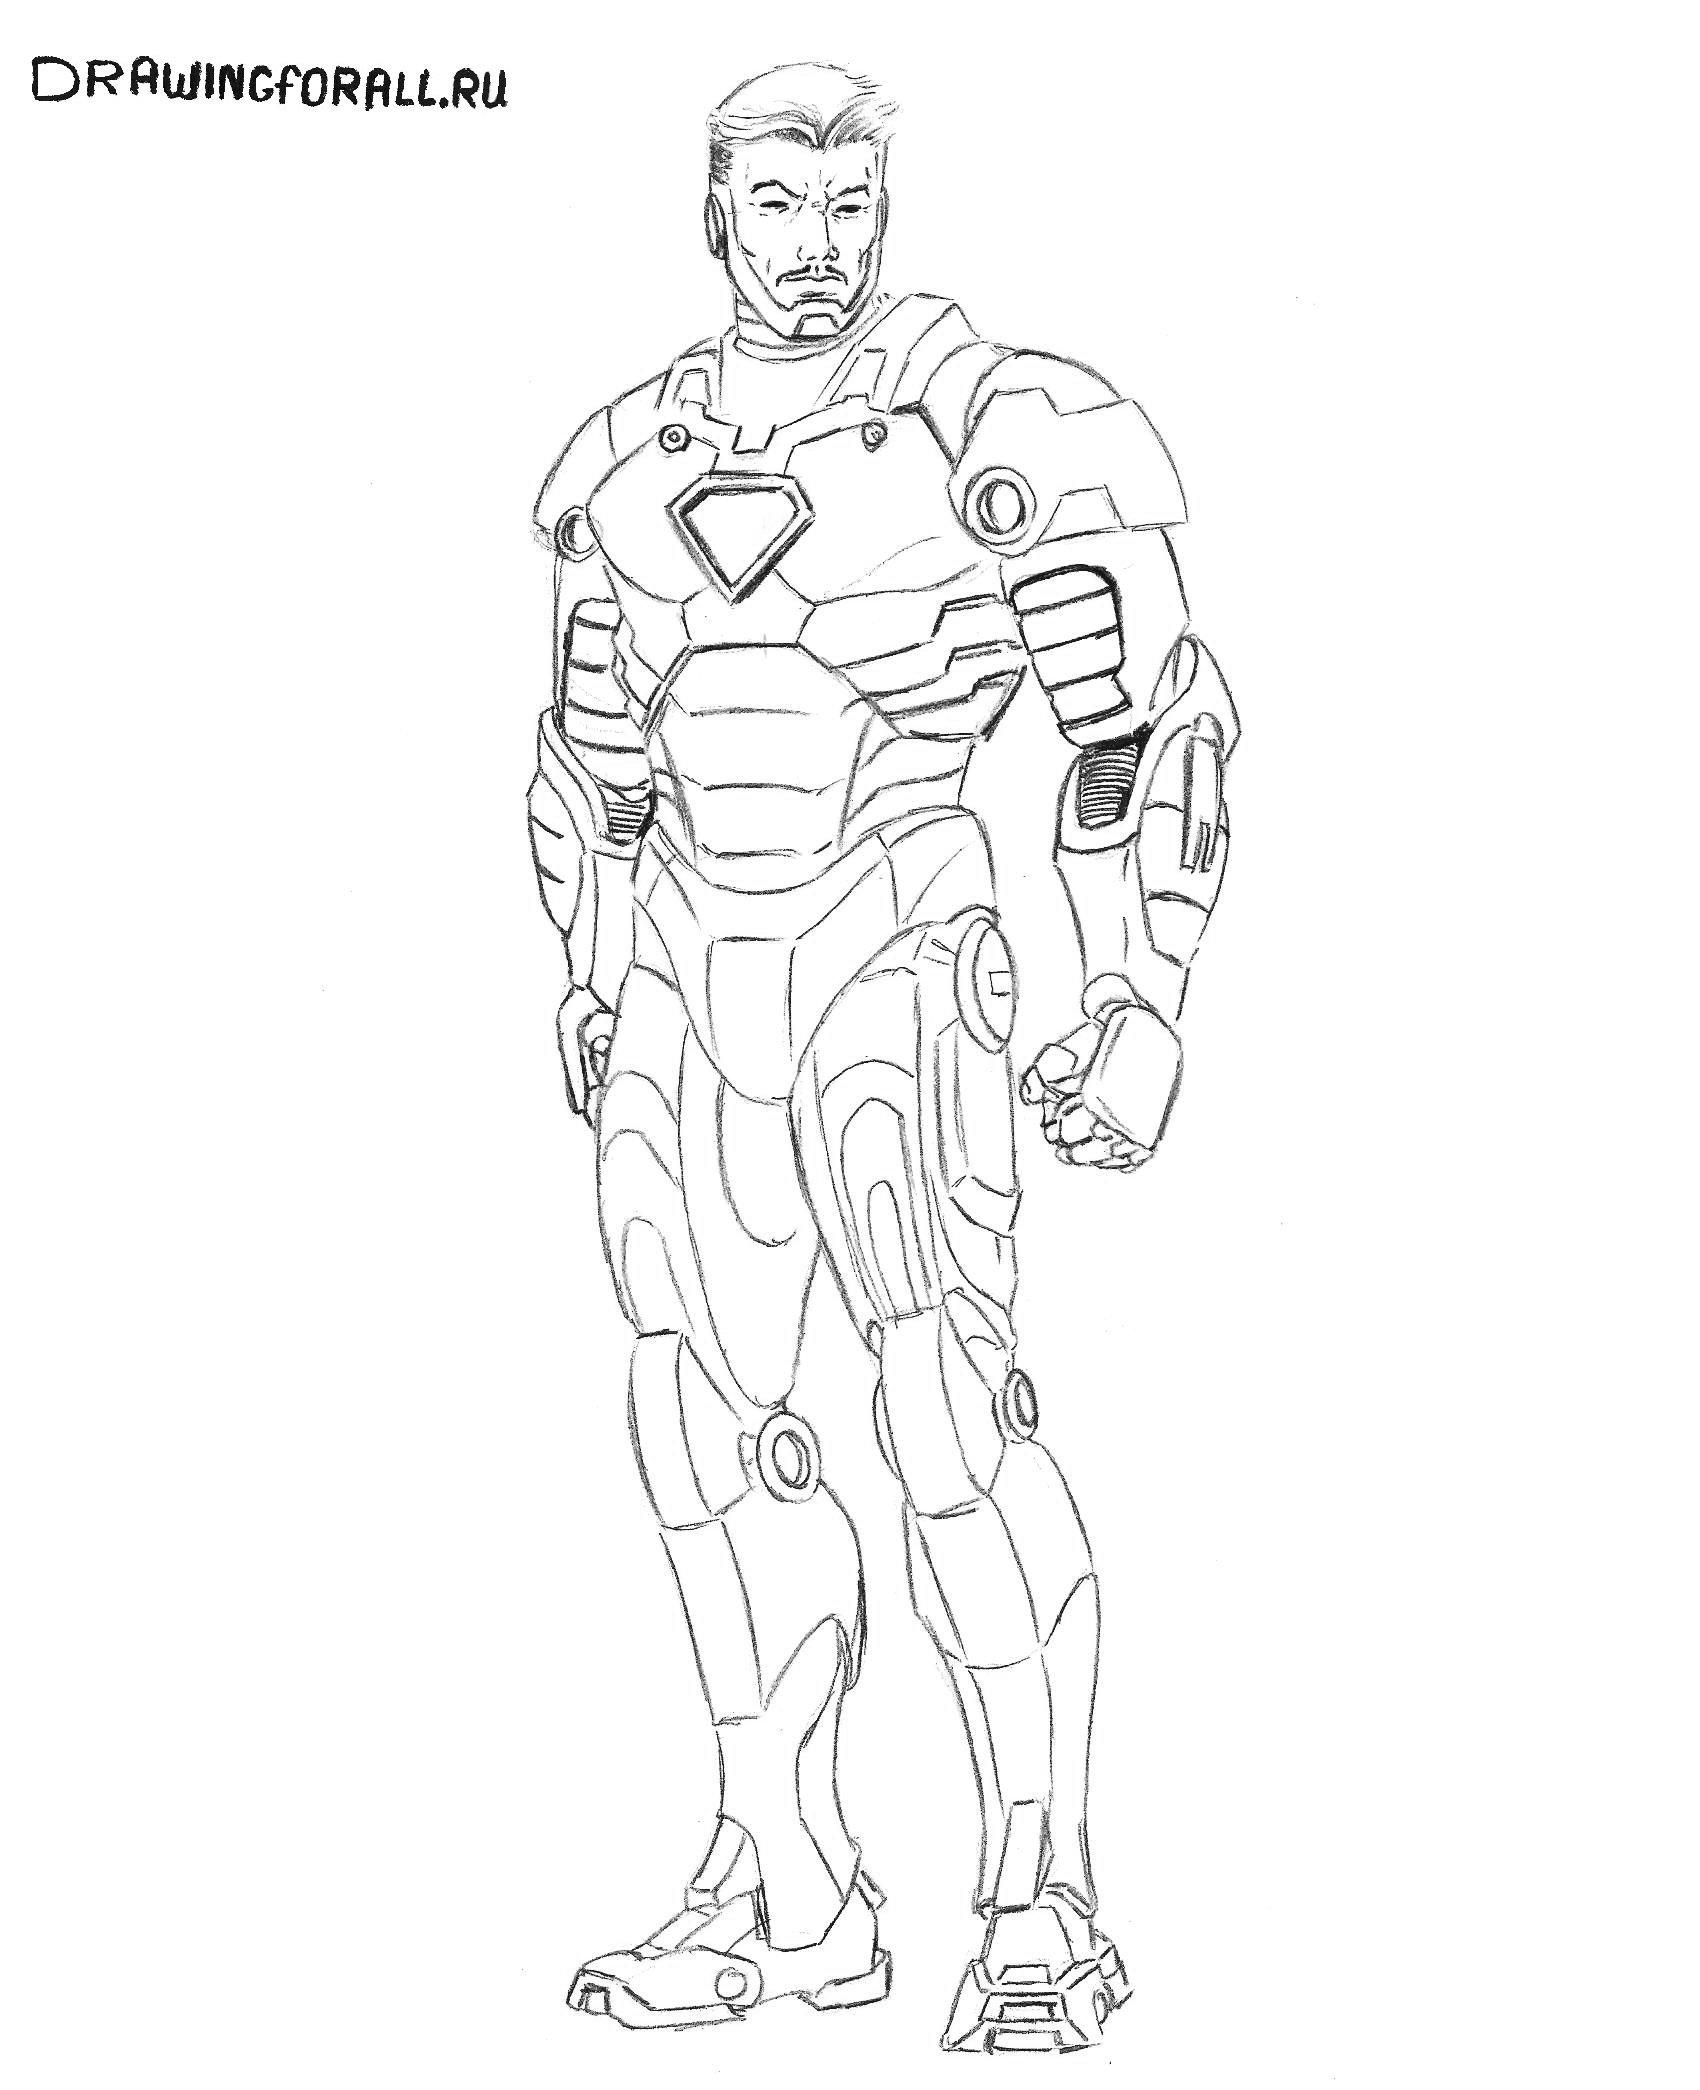 Железный человек из фильма